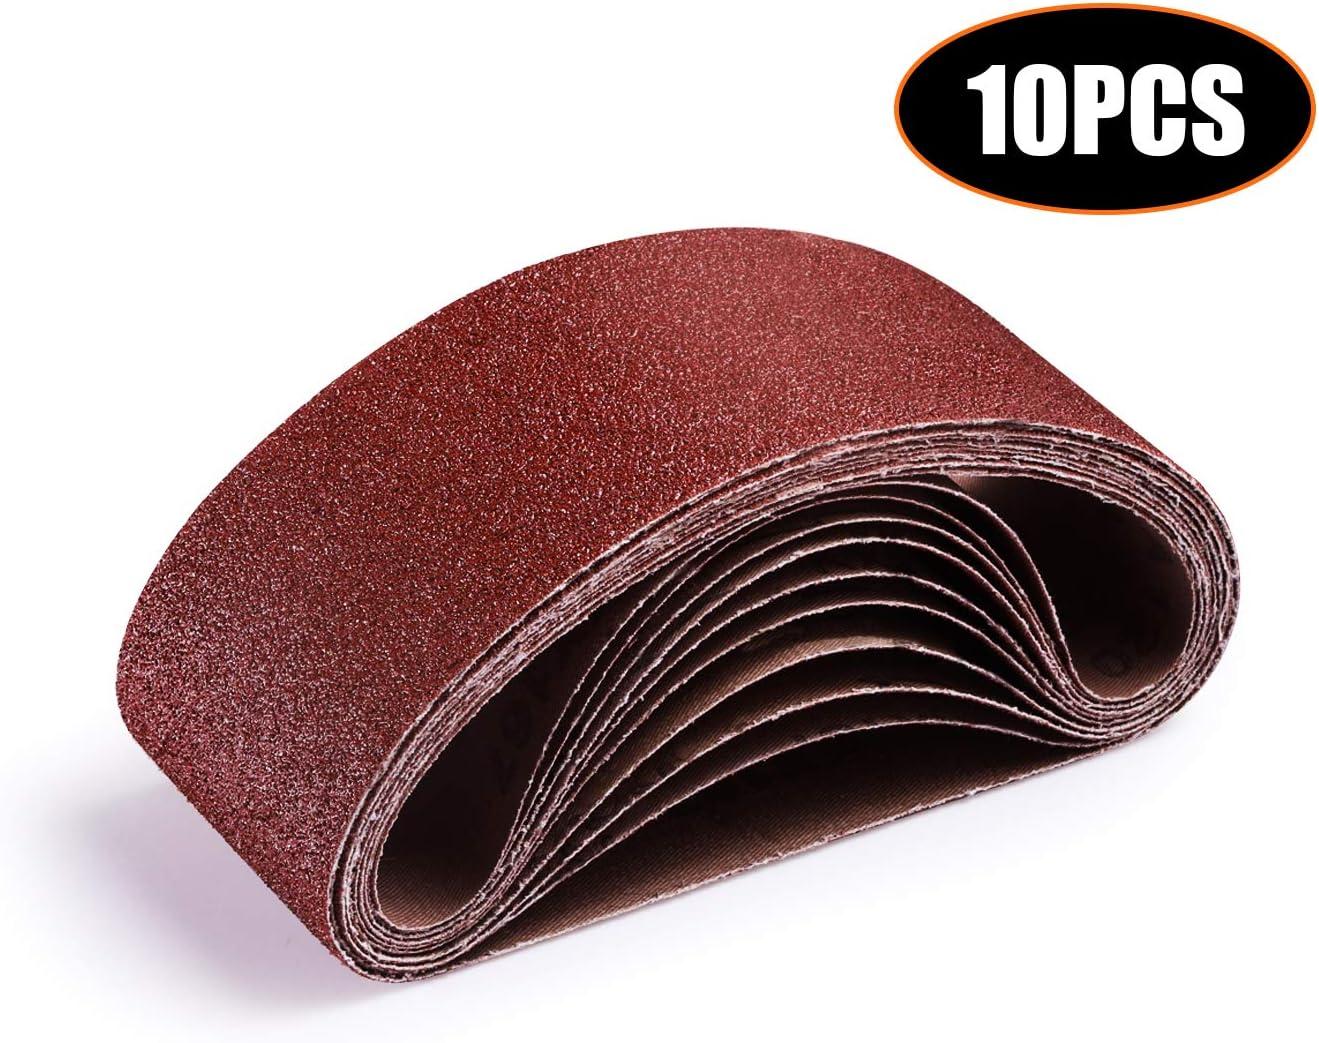 TACKLIFE Sanding Belt 3x18-Inch, 10Pack (2 Each of 40, 60, 80, 100, 120 Grits) Aluminum Oxide Belt for Belt Sander, Woodworking, Metal Polishing ASB01A